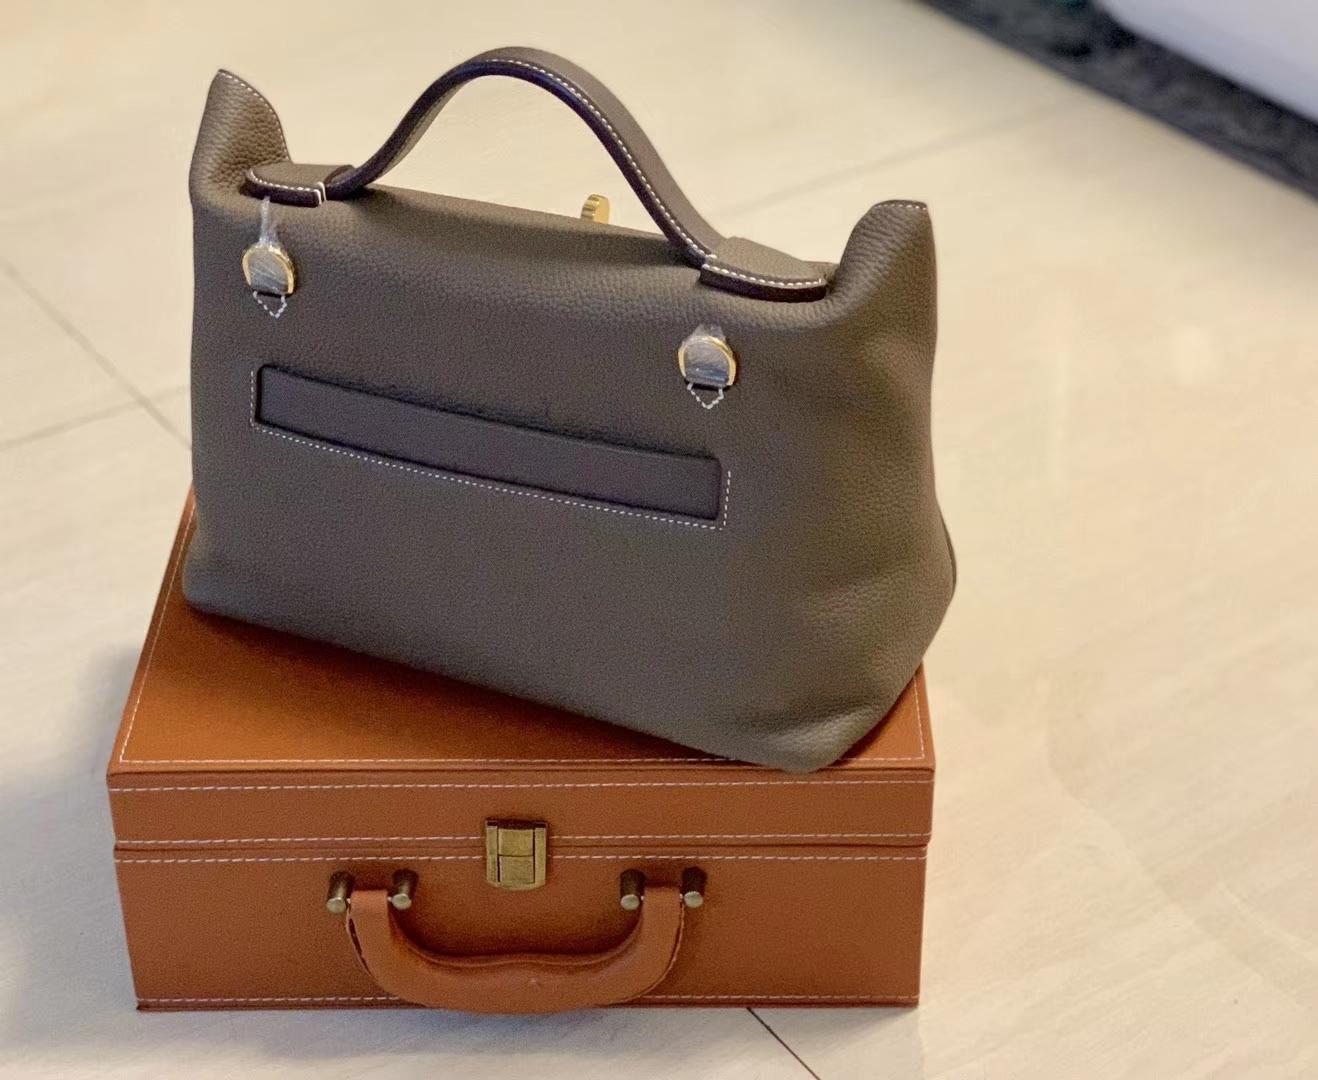 Hermès(爱马仕)Kelly-2424 大象灰 原厂御用顶级小牛皮拼Swift皮 togo 金扣 29cm